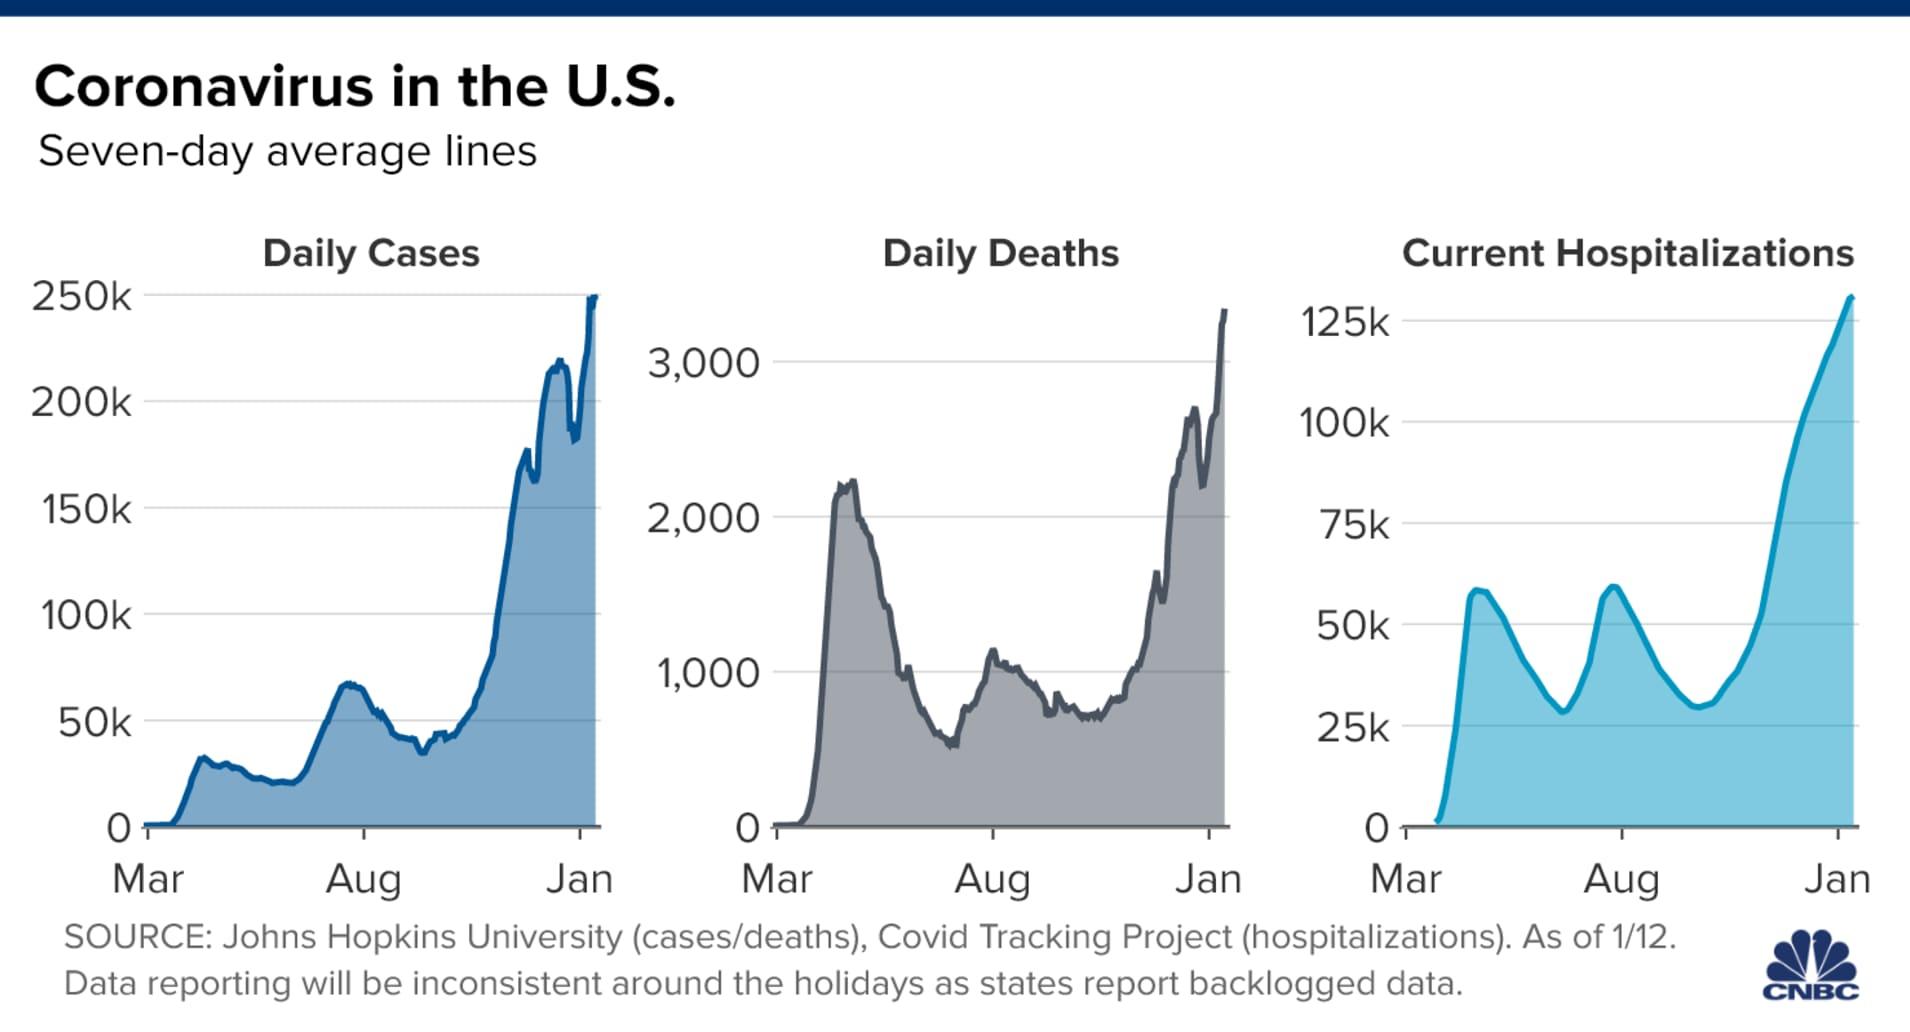 美国每日新增确诊、死亡、住院病例趋势图,美国新冠肺炎疫情形势,美国疫情热点地区分布,最新消息,趋势图,新政确诊病例数据,各州数据,新冠肺炎疫情新闻报道,美国疫情形势,约翰斯霍普金斯大学汇编的数据